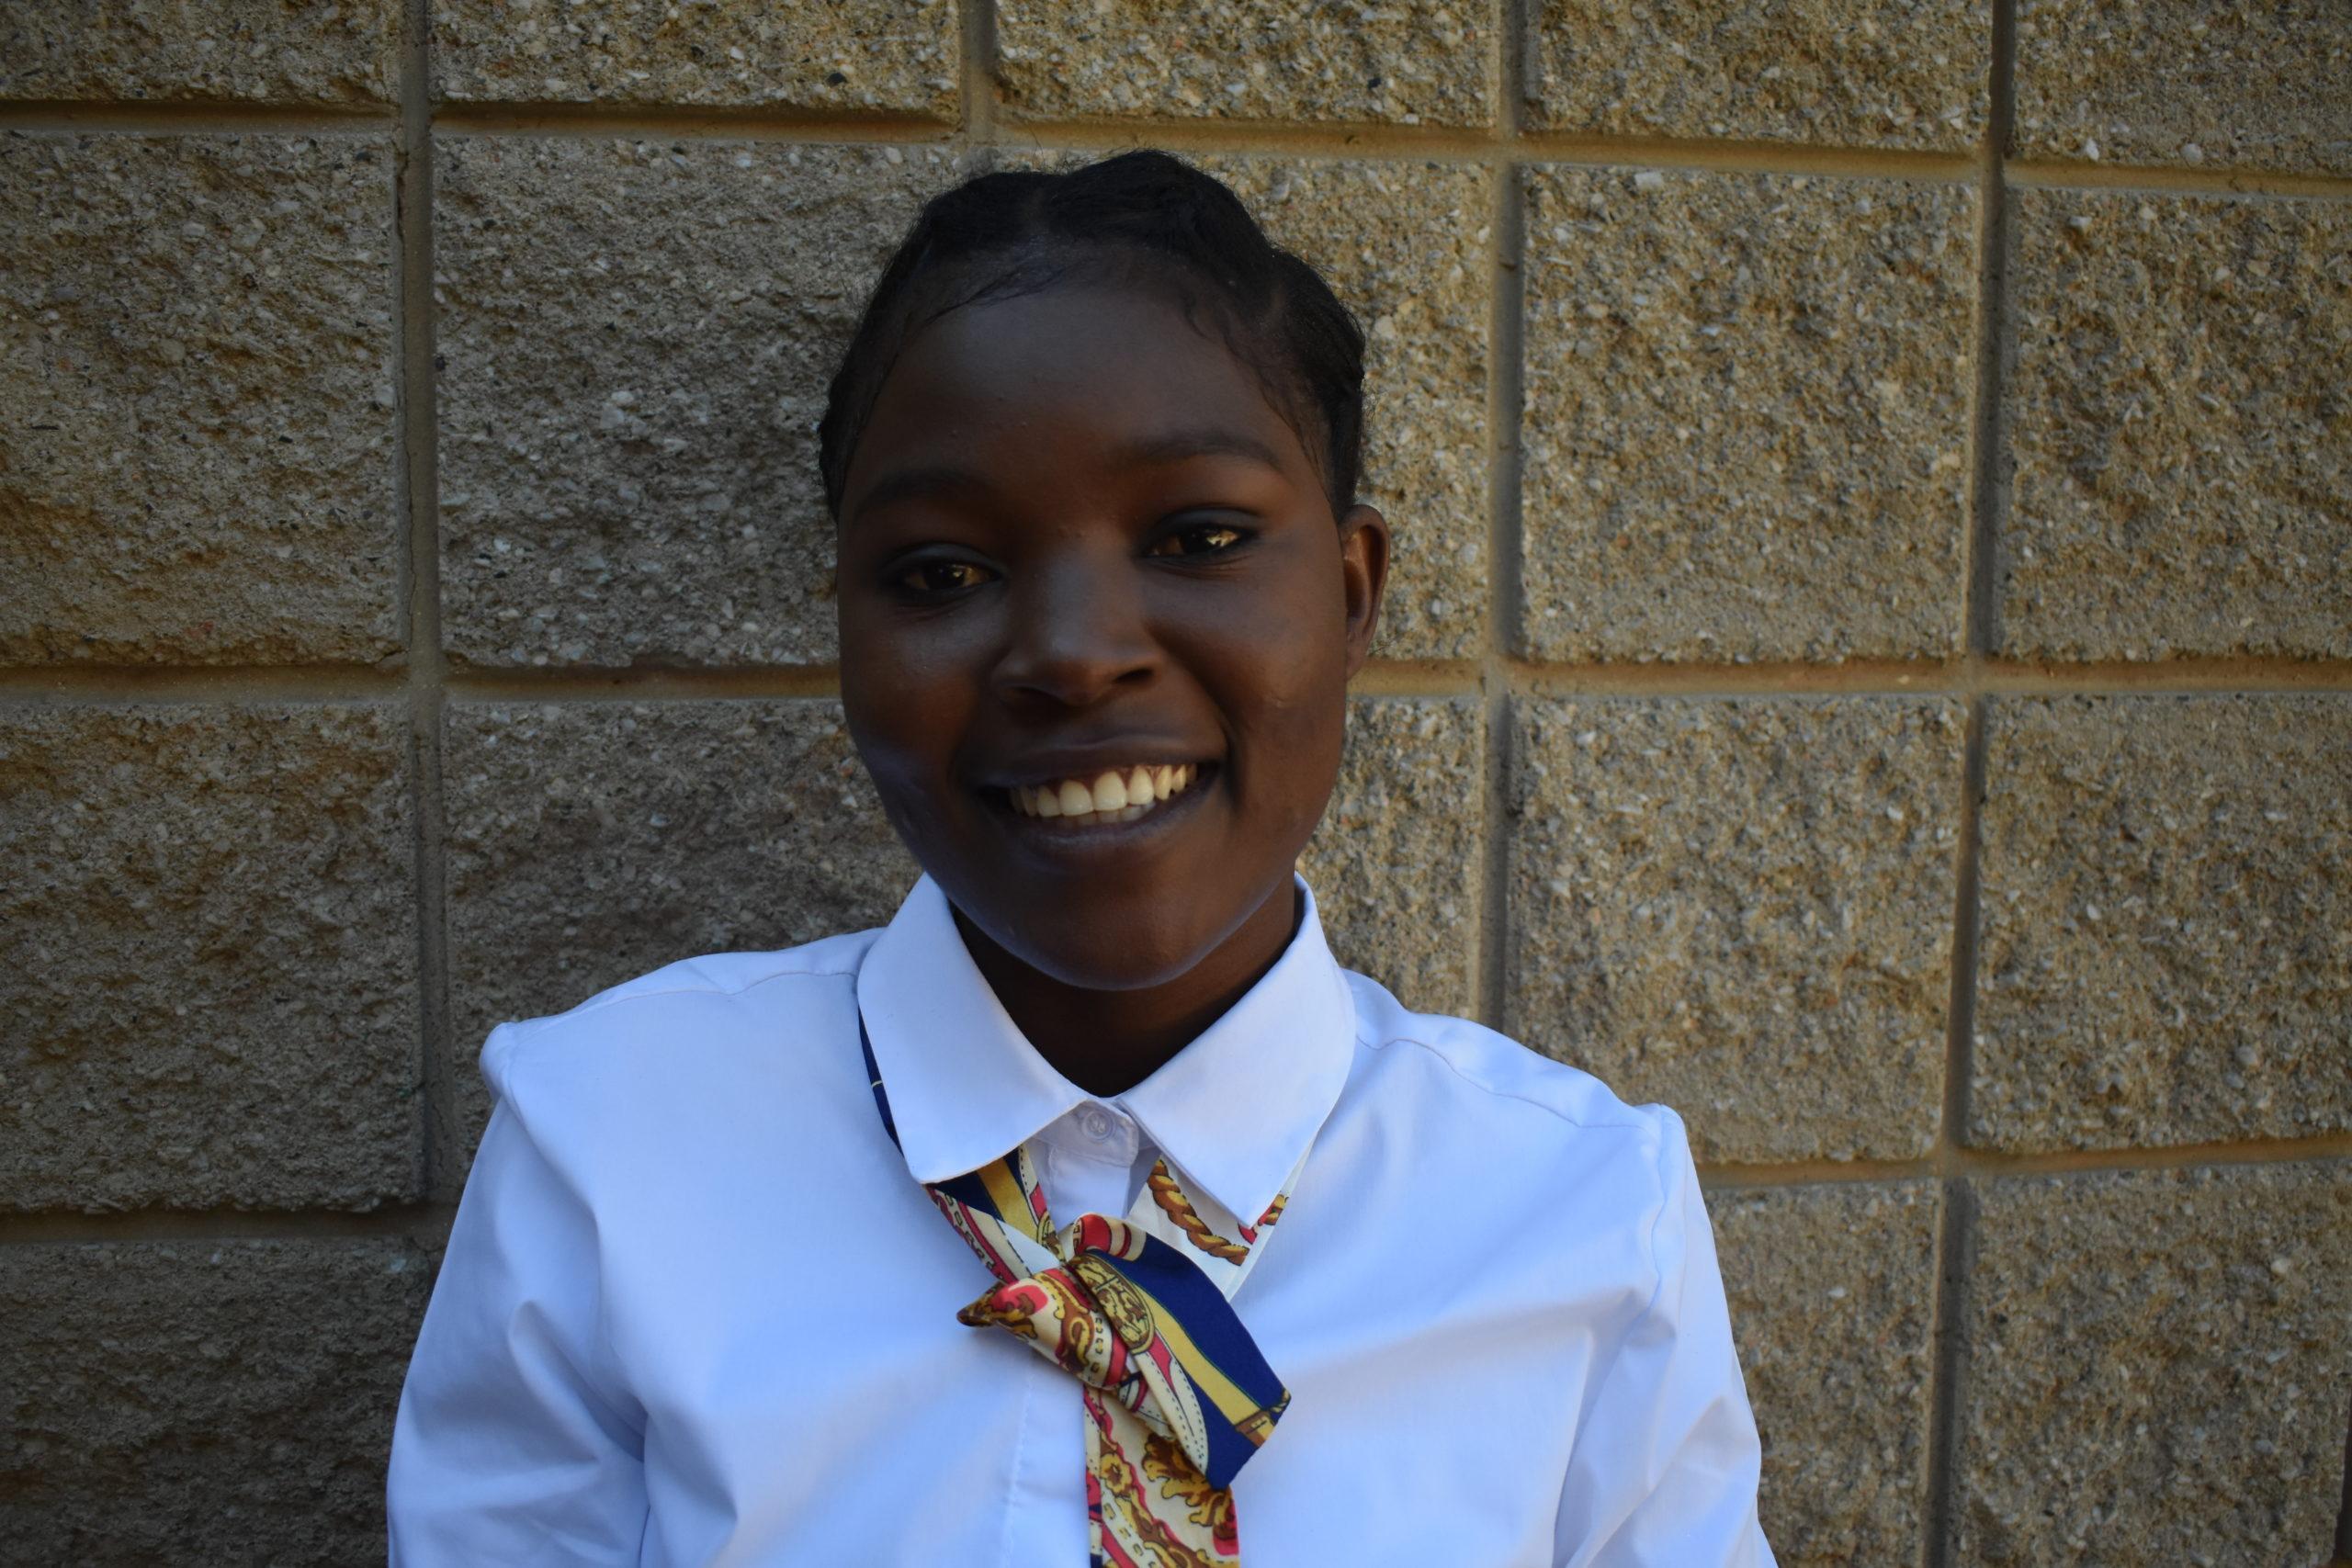 Kholiwe Nkuna